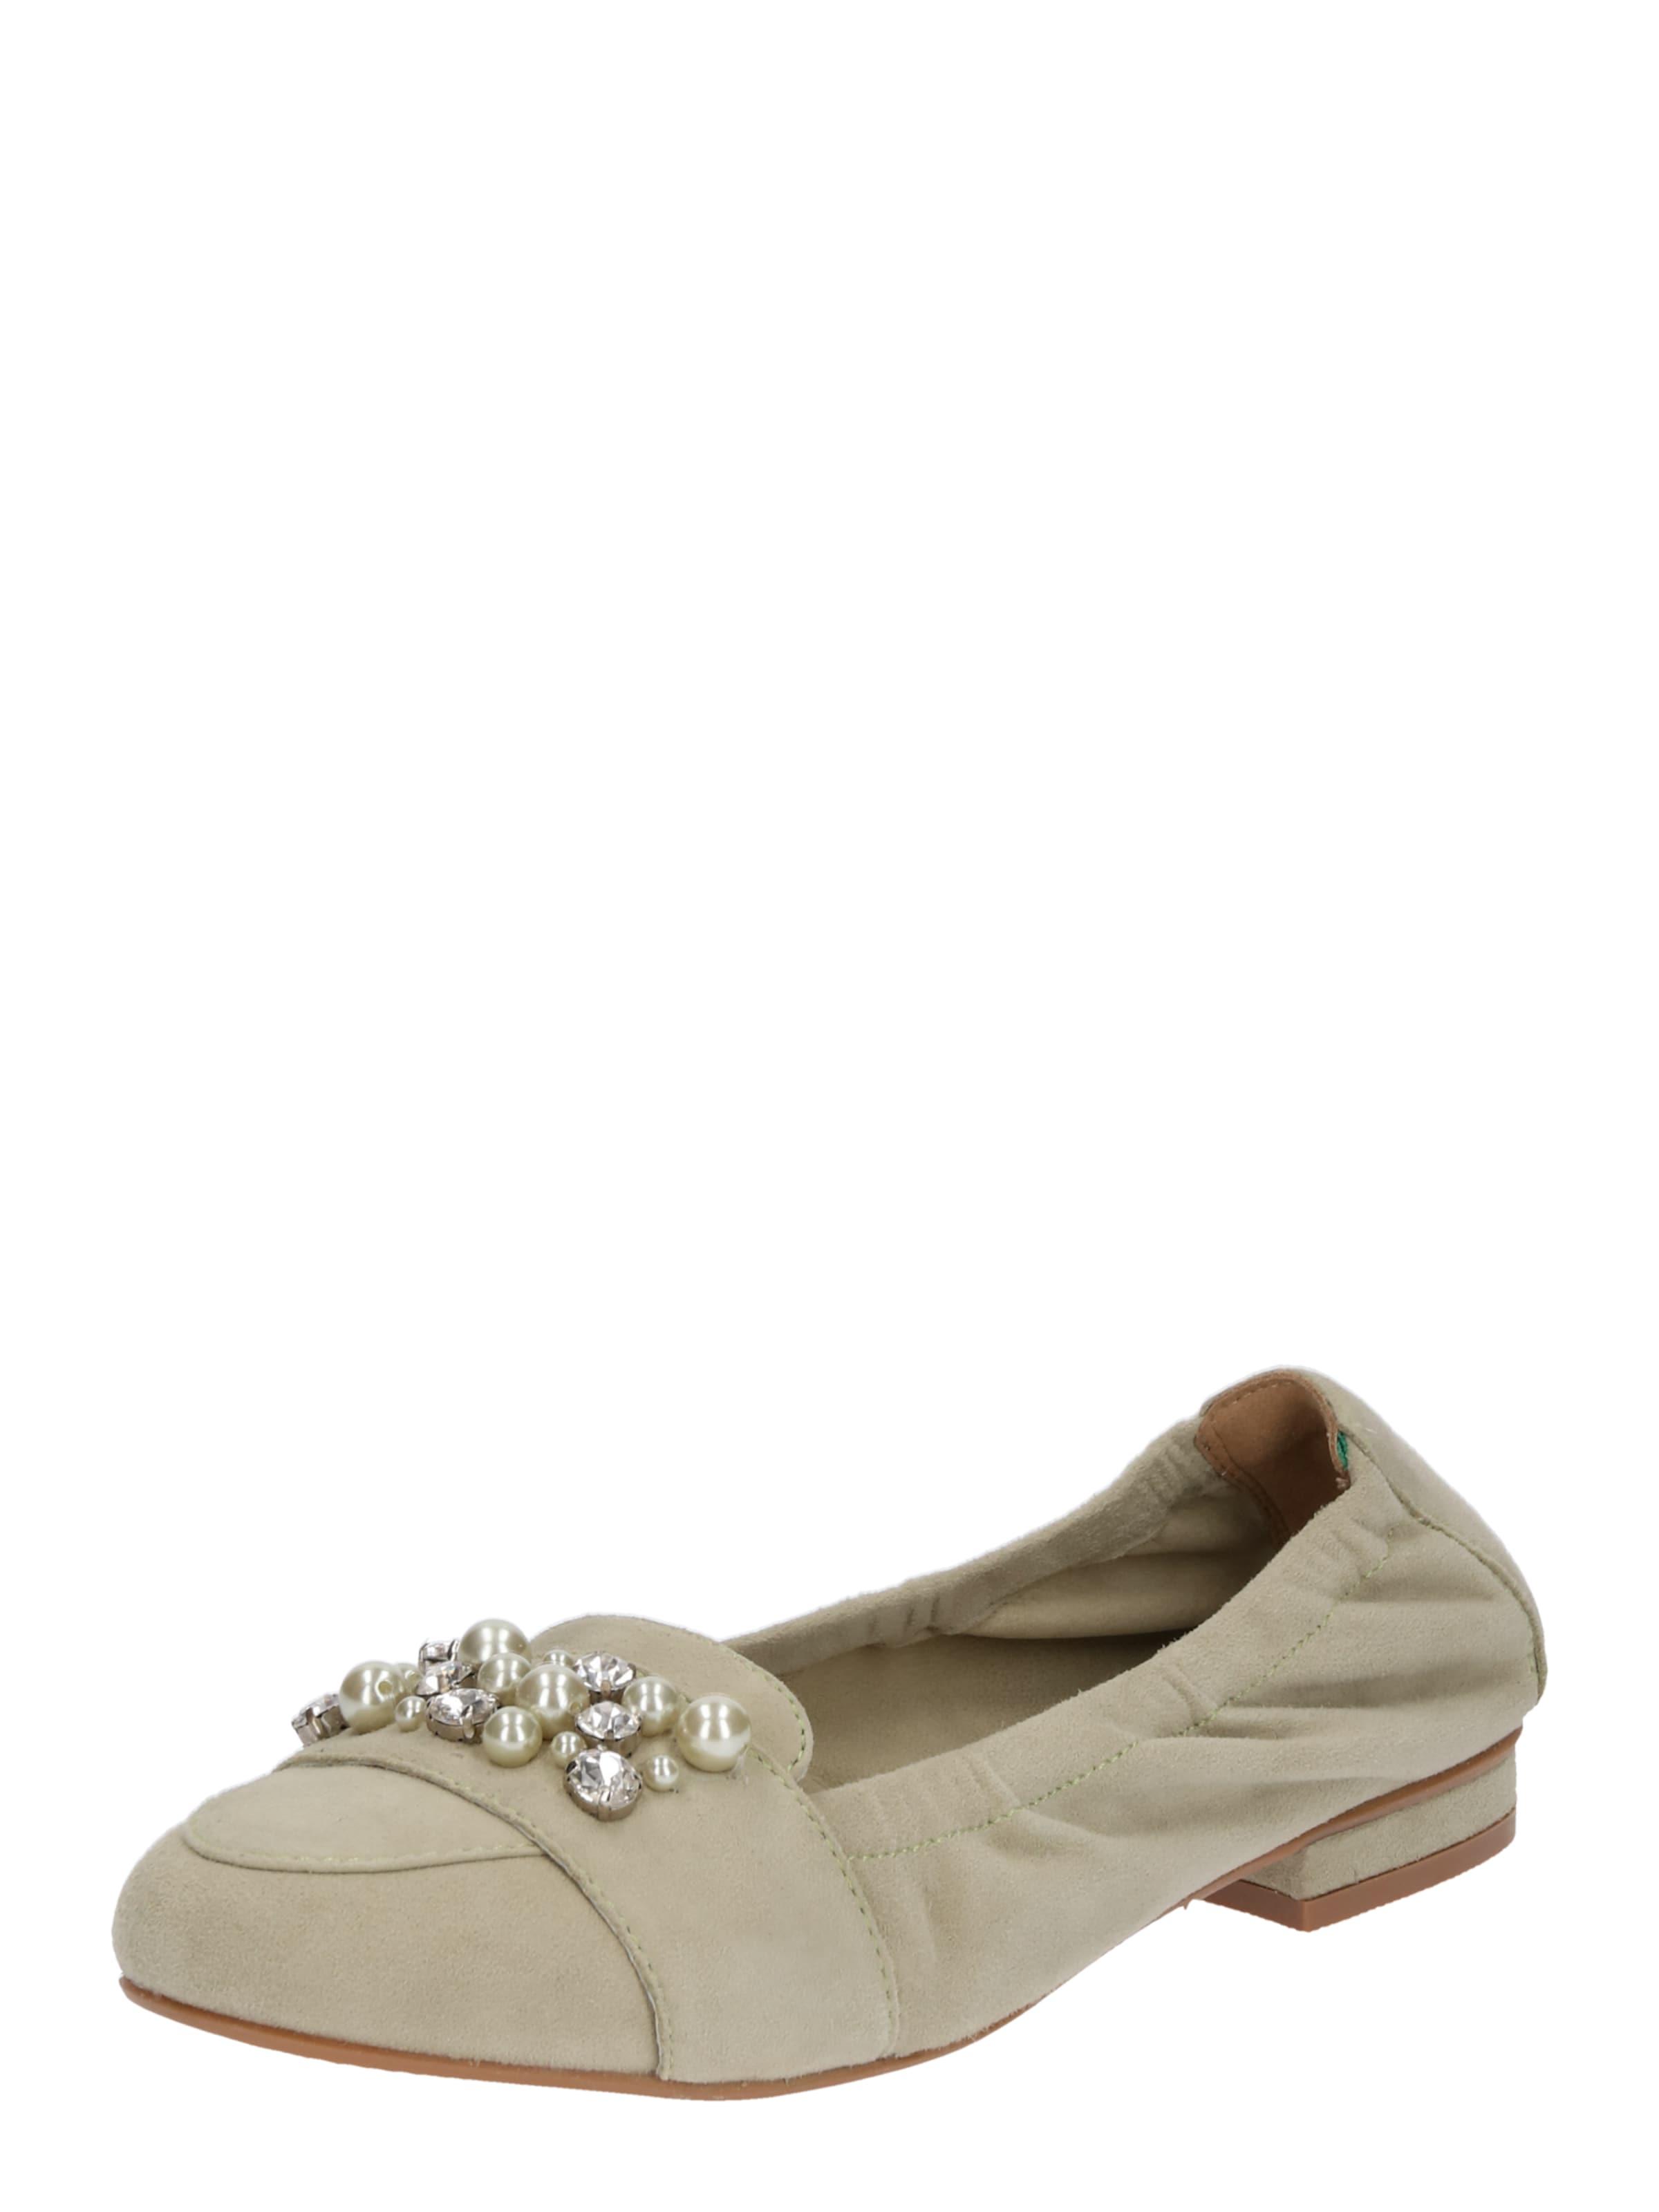 SPM Slipper Annabella Verschleißfeste billige Schuhe